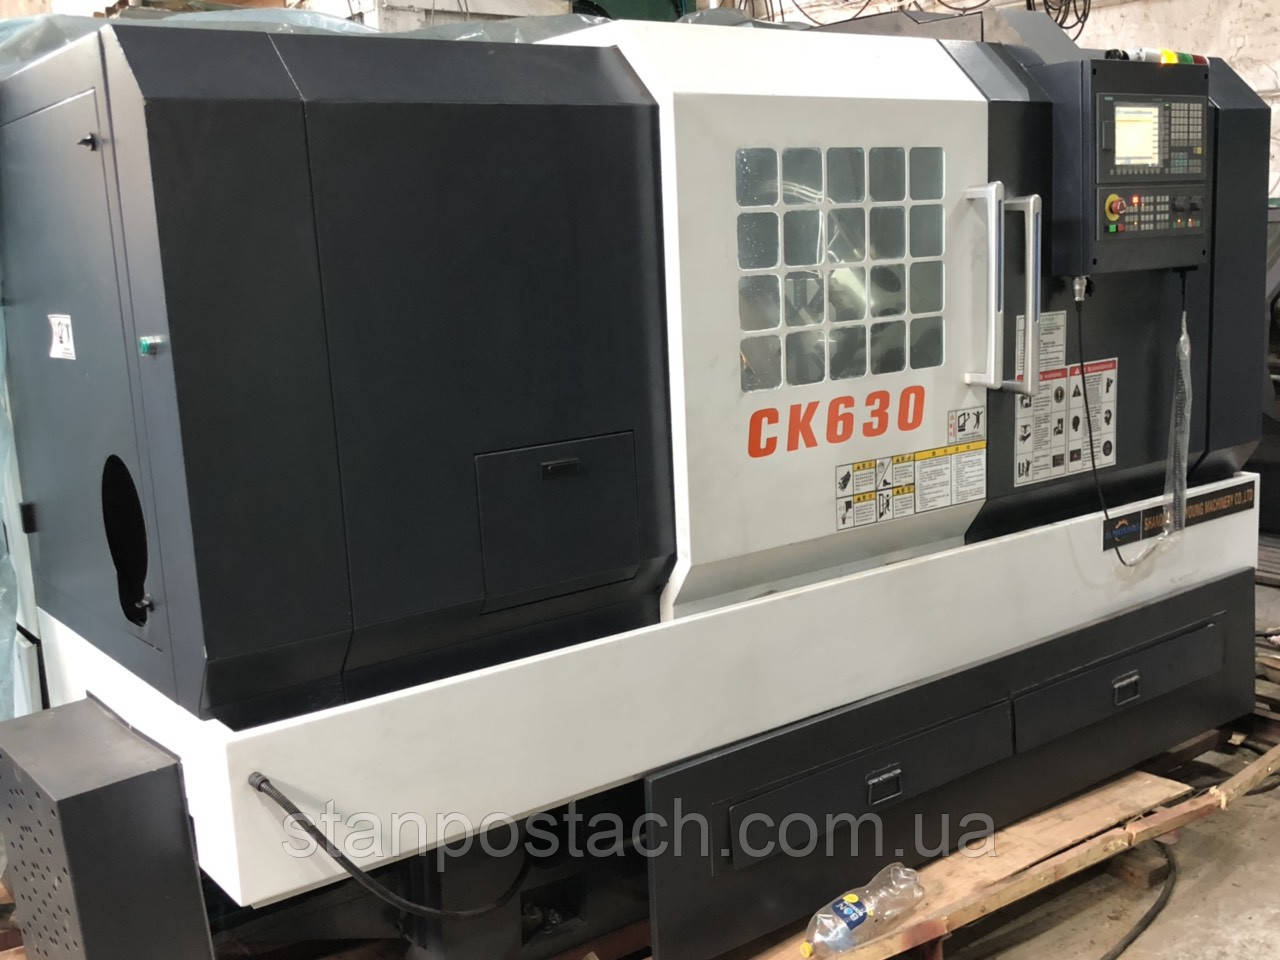 Токарный станок с ЧПУ по металлу TCK 630 - 2019 года